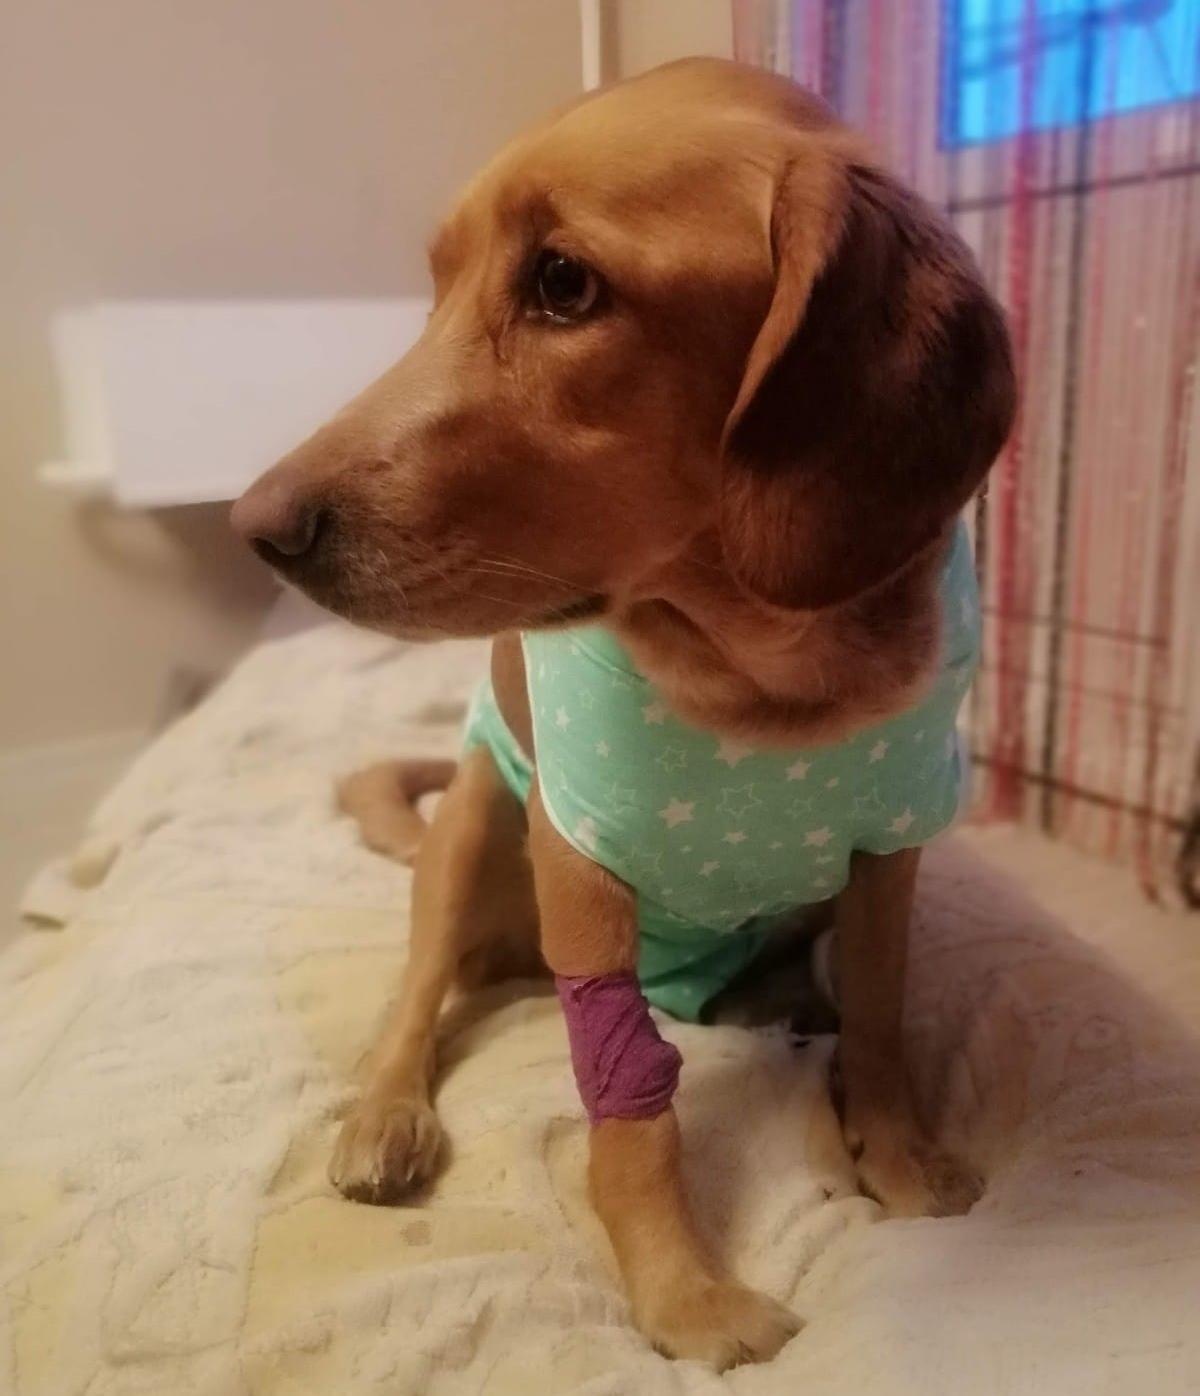 Фото «Проглотила мячик и попала к хирургу»: как финалистка конкурса «Главный пёсик Новосибирска» пострадала от любви к игрушкам 9